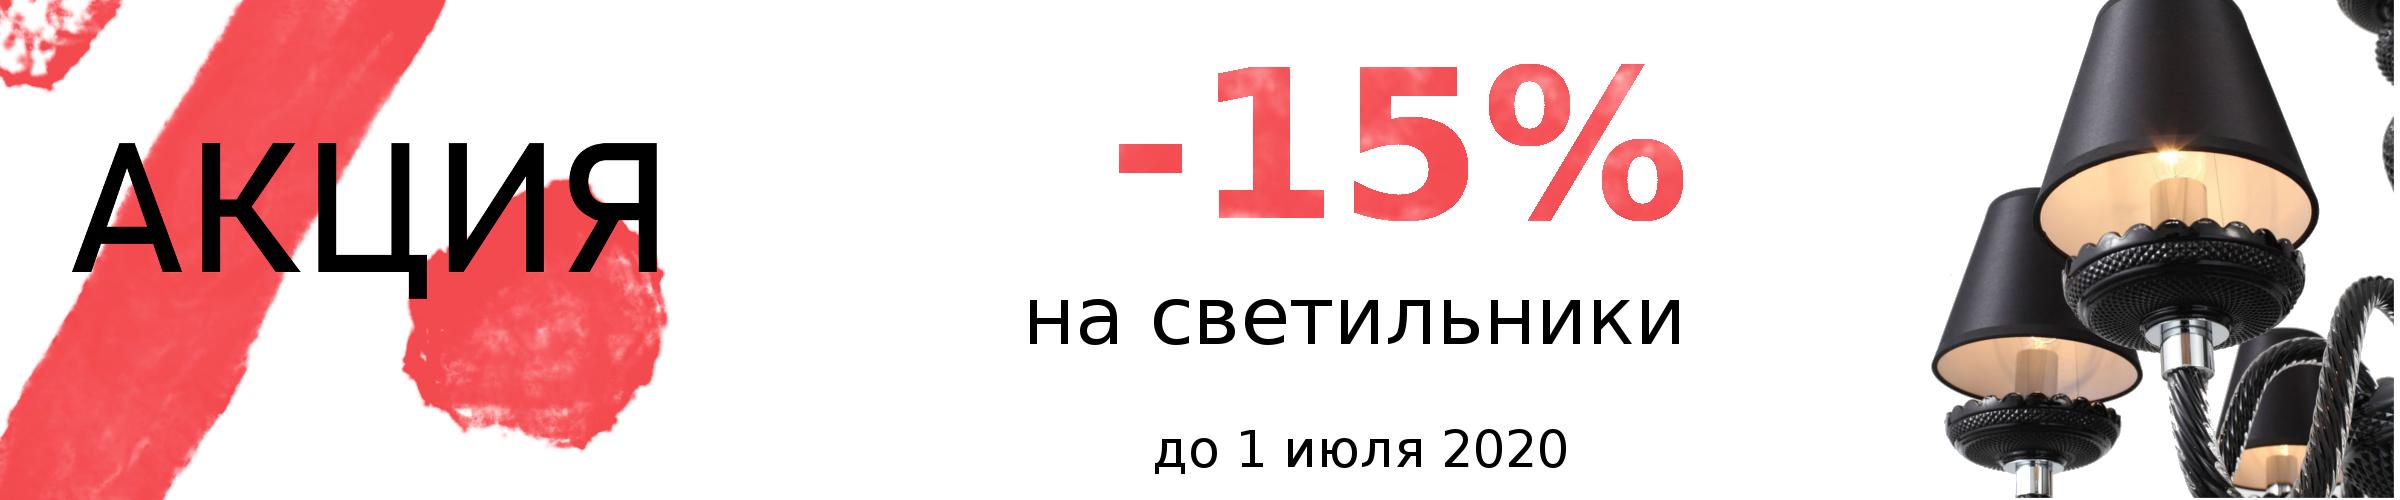 Акция до -15% на светильники